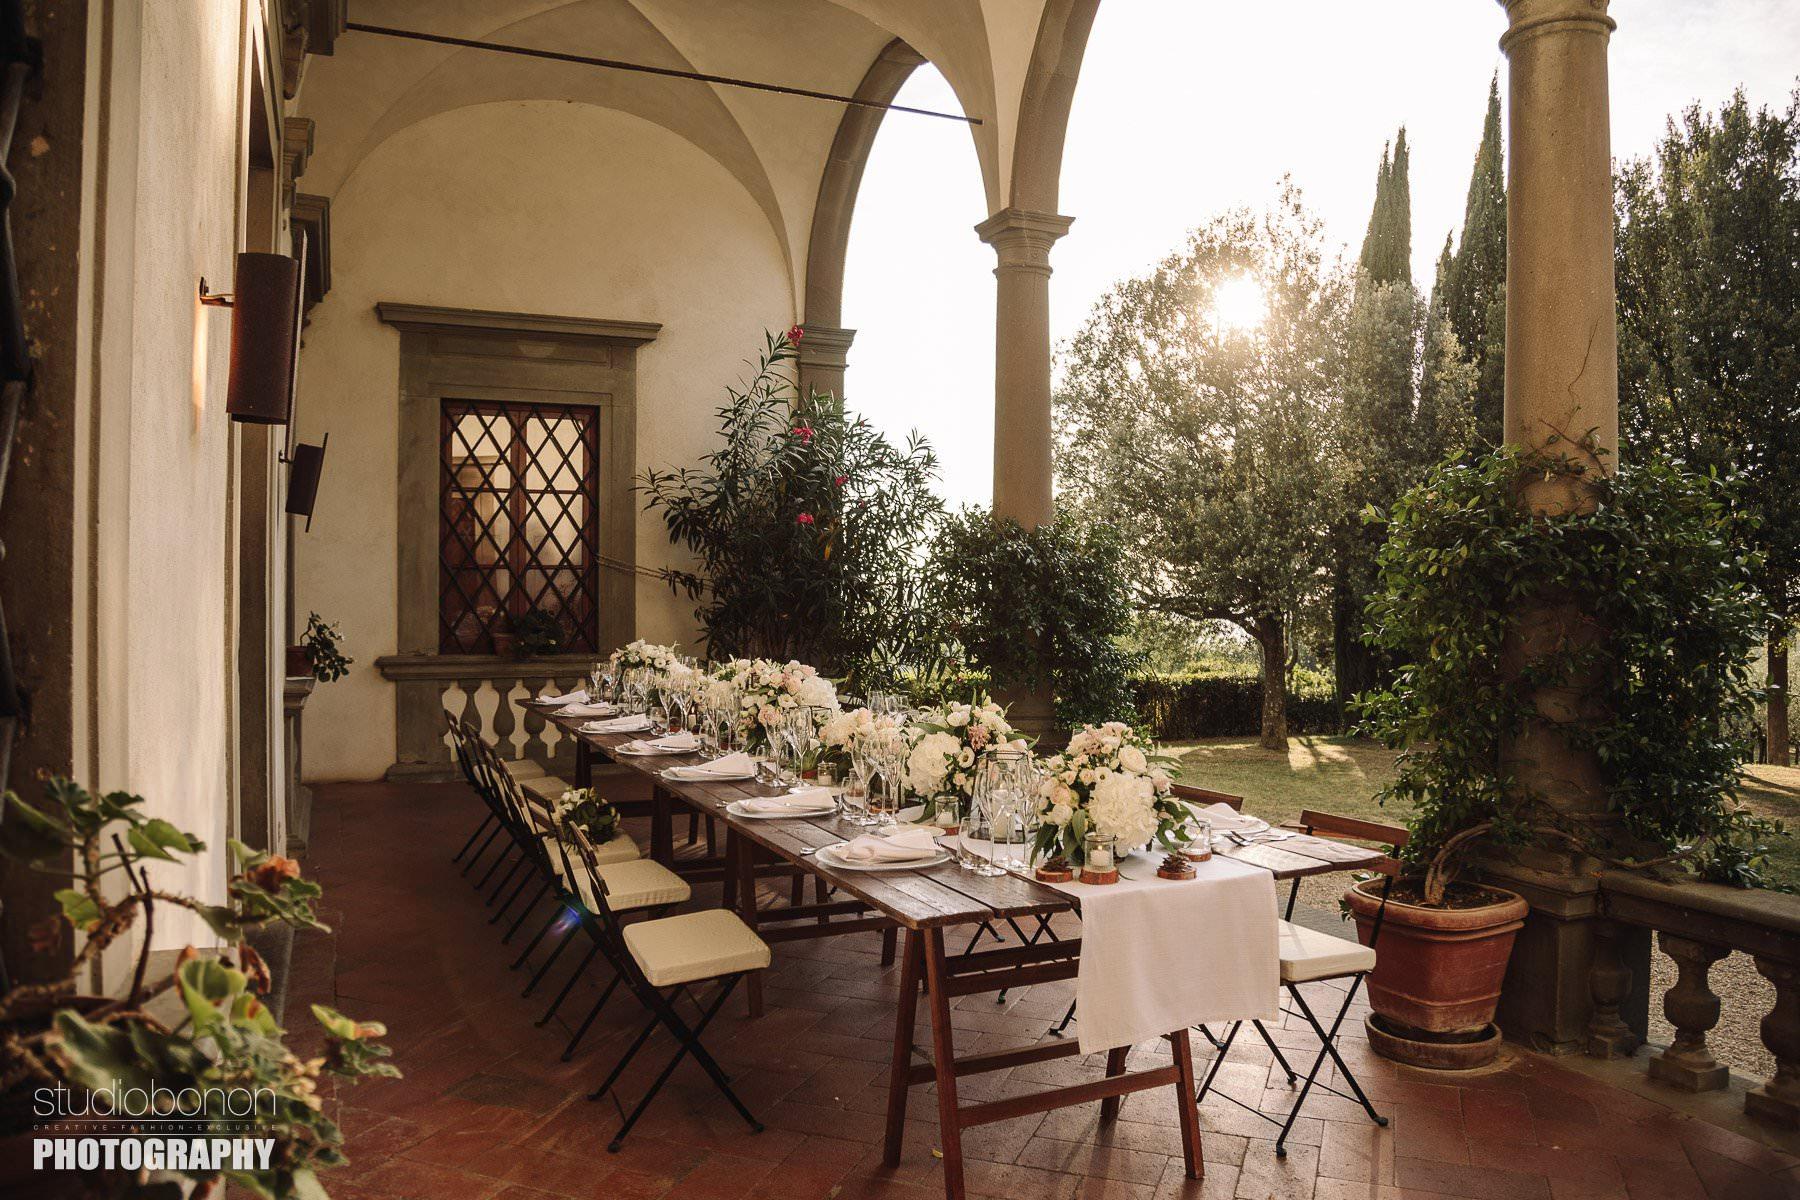 Location Matrimonio Country Chic Toscana : Ciara sean fotografi professionisti di matrimonio in italia